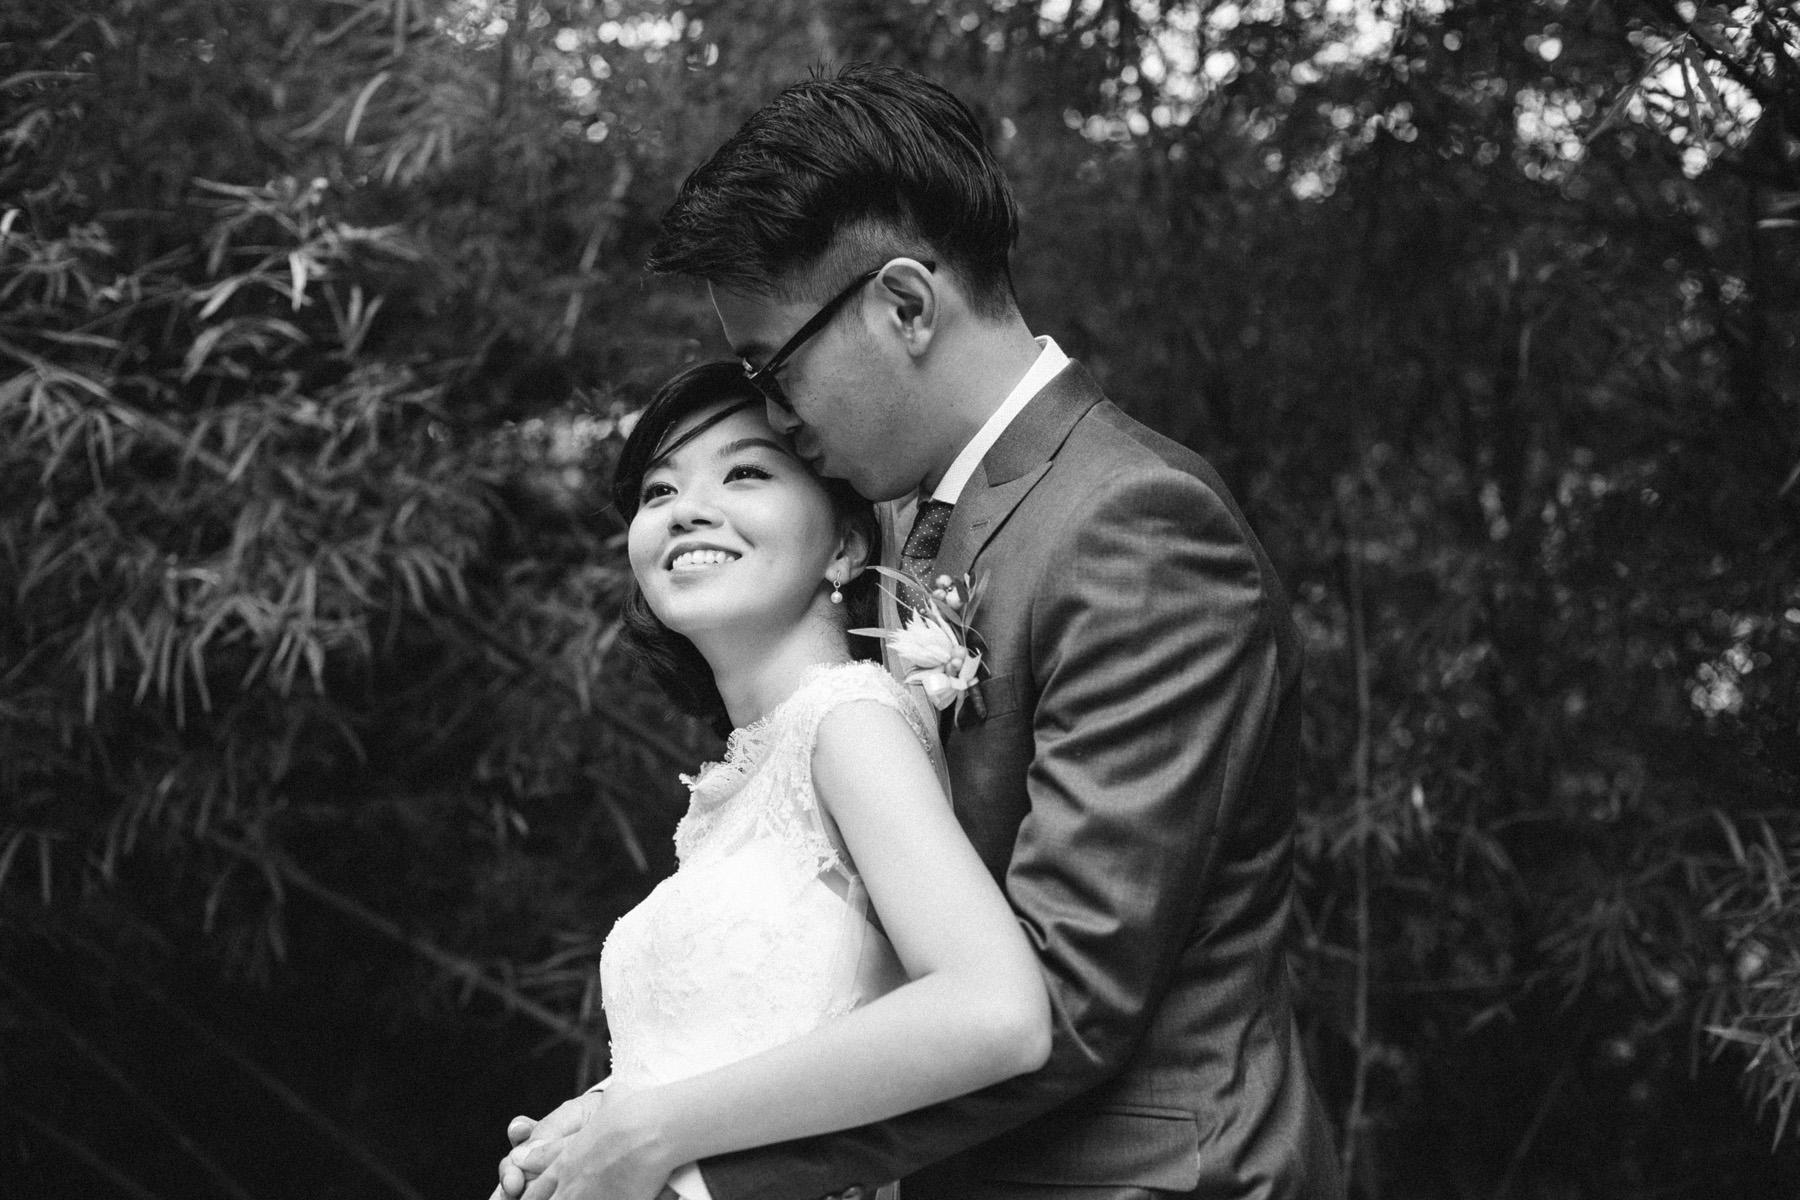 singapore-wedding-photographer-wemadethese-bw-062.jpg